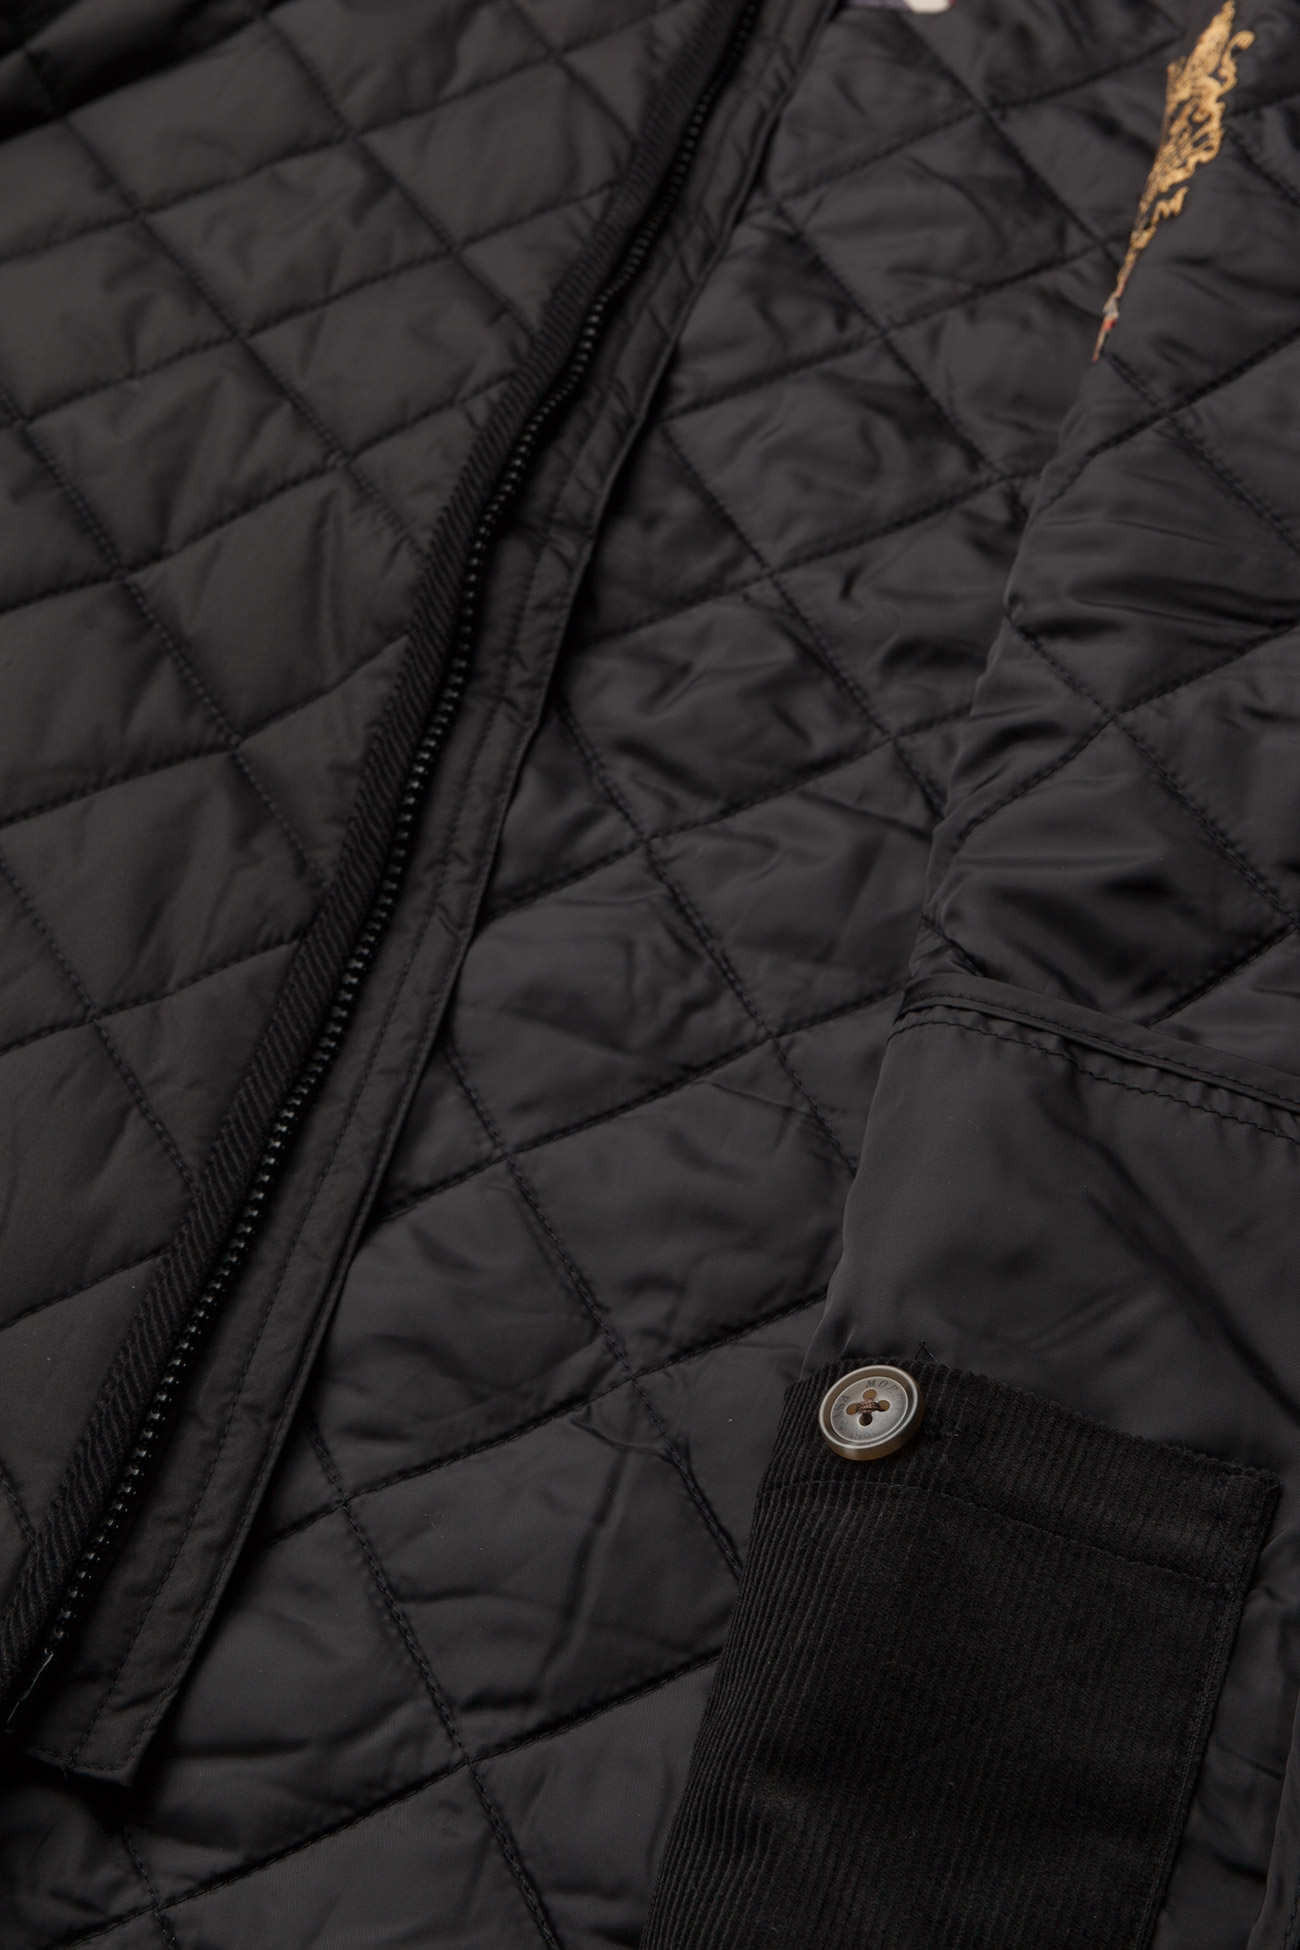 Morris Trenton Quilted Jacket - Jakker og frakker BLACK - Menn Klær